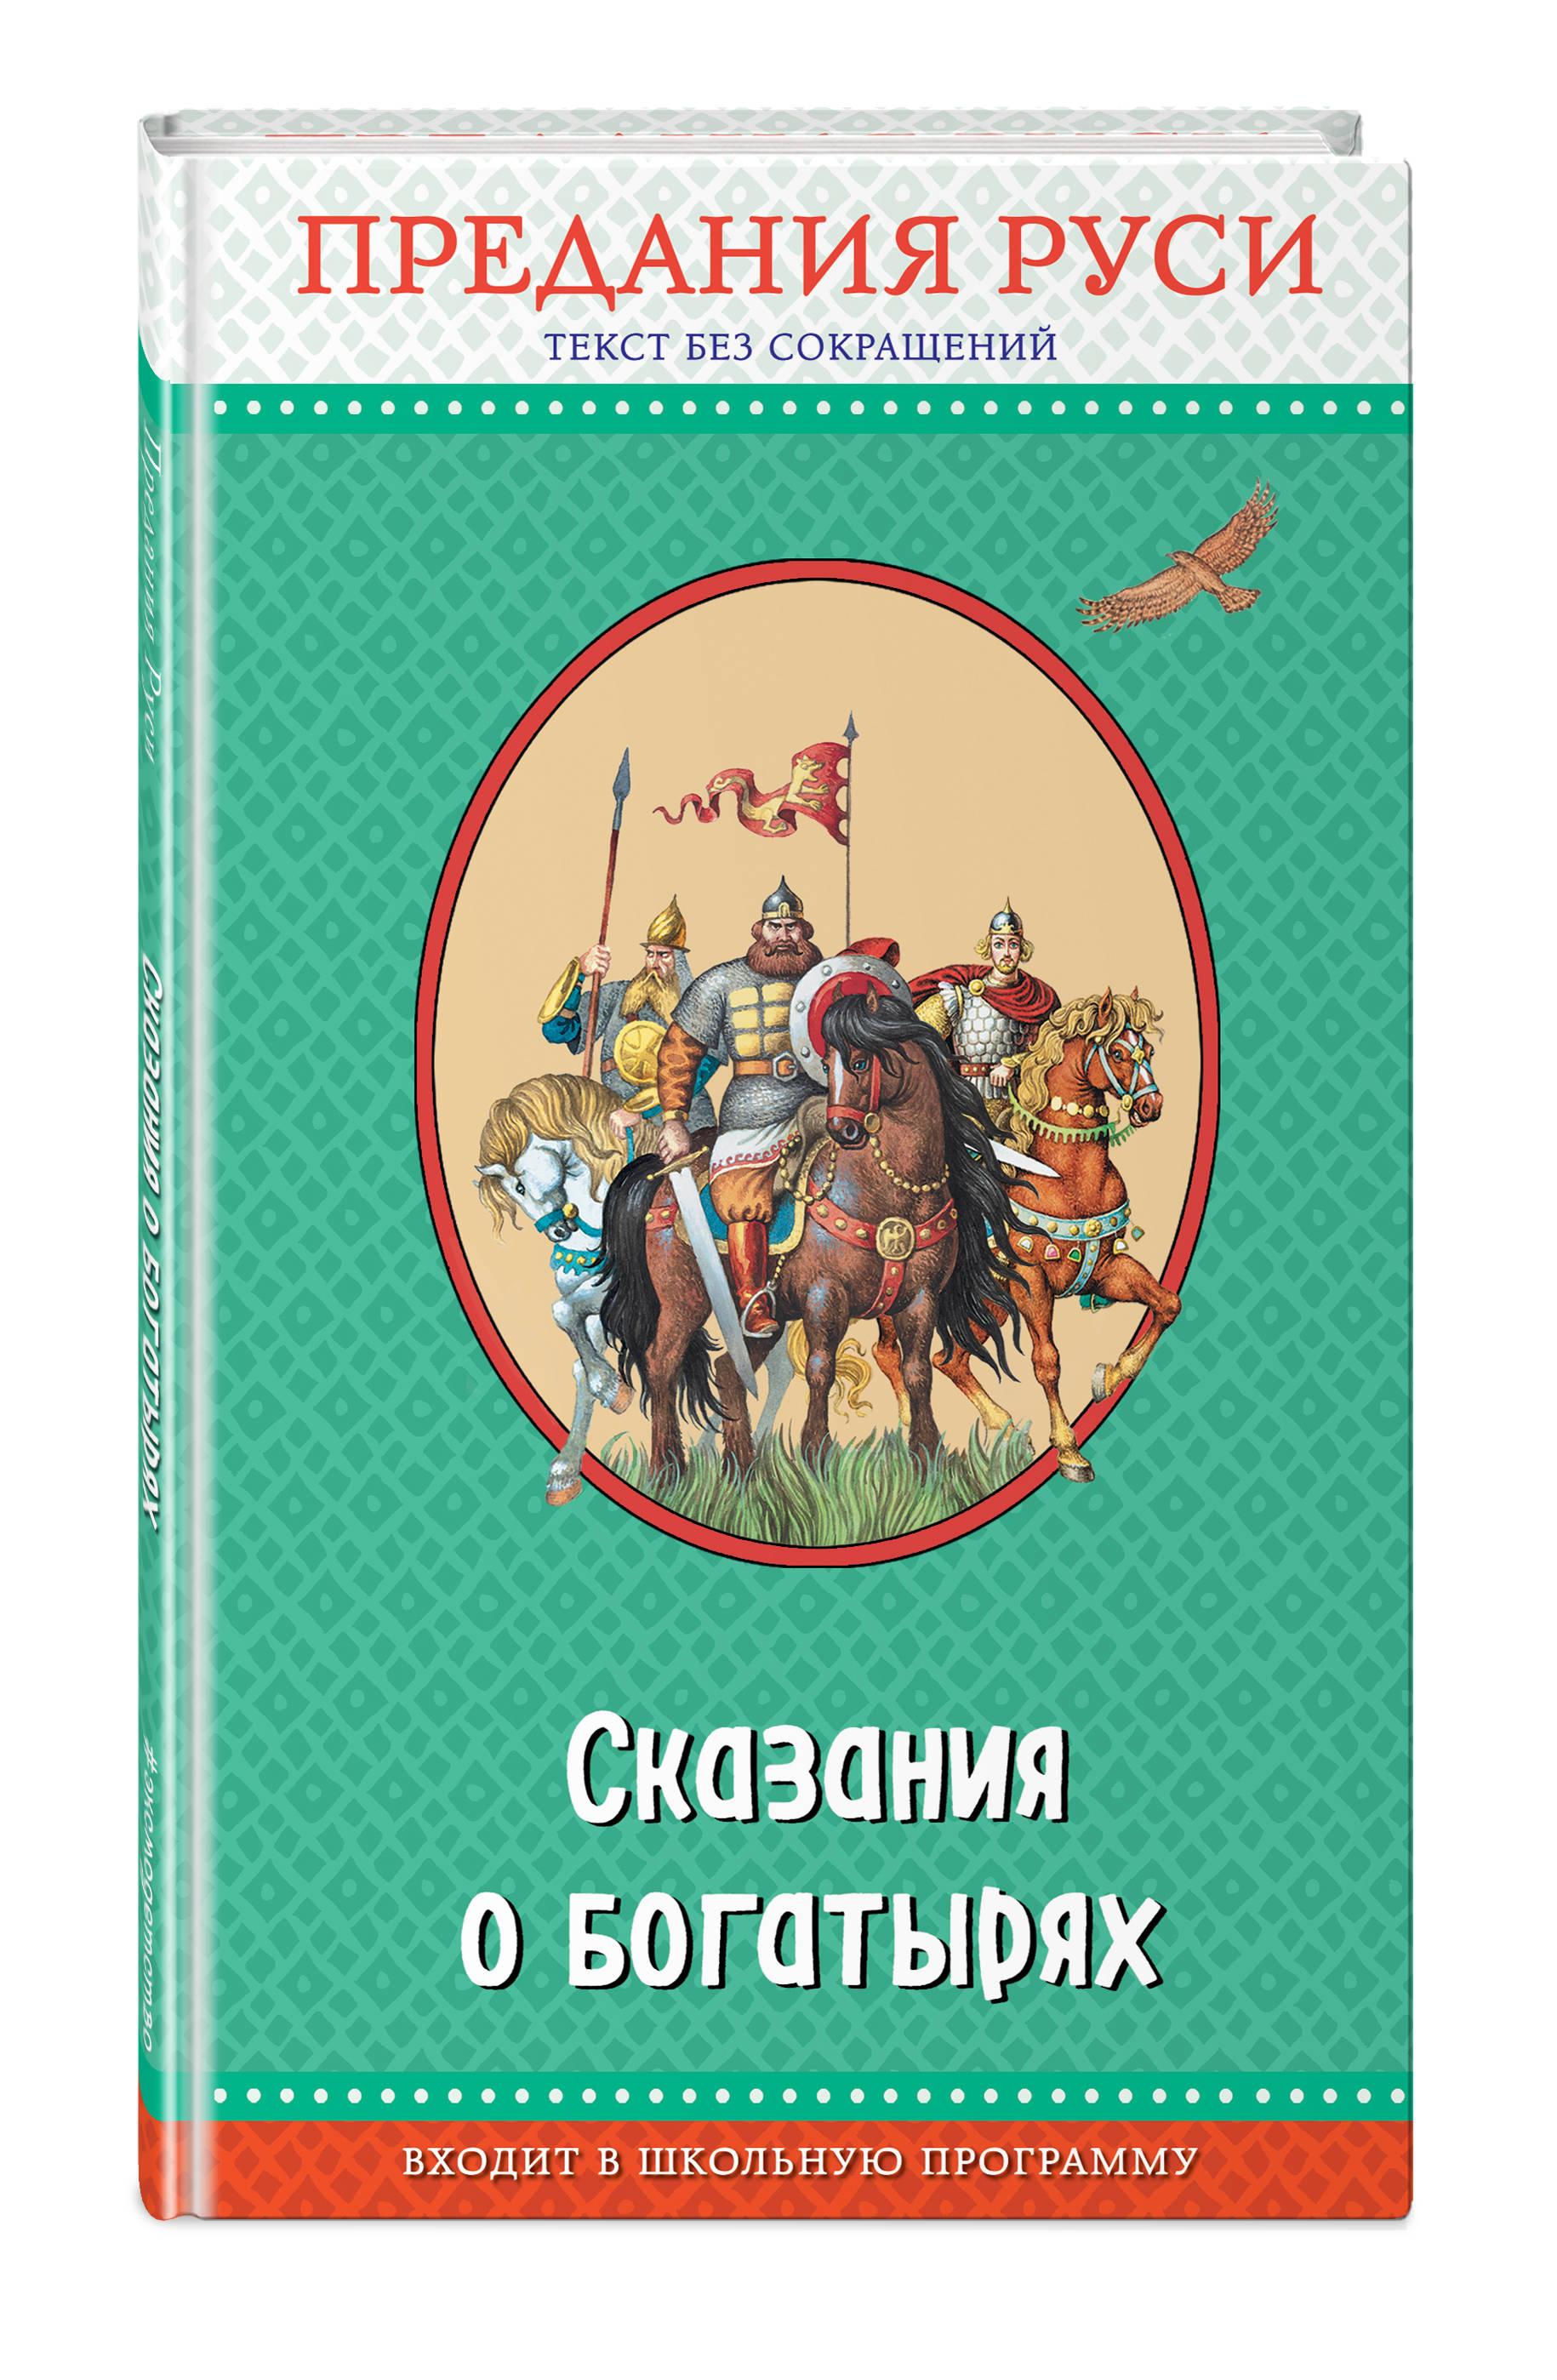 Сказания о богатырях. Предания Руси кожедуб в отв ред сказания о богатырях предания руси